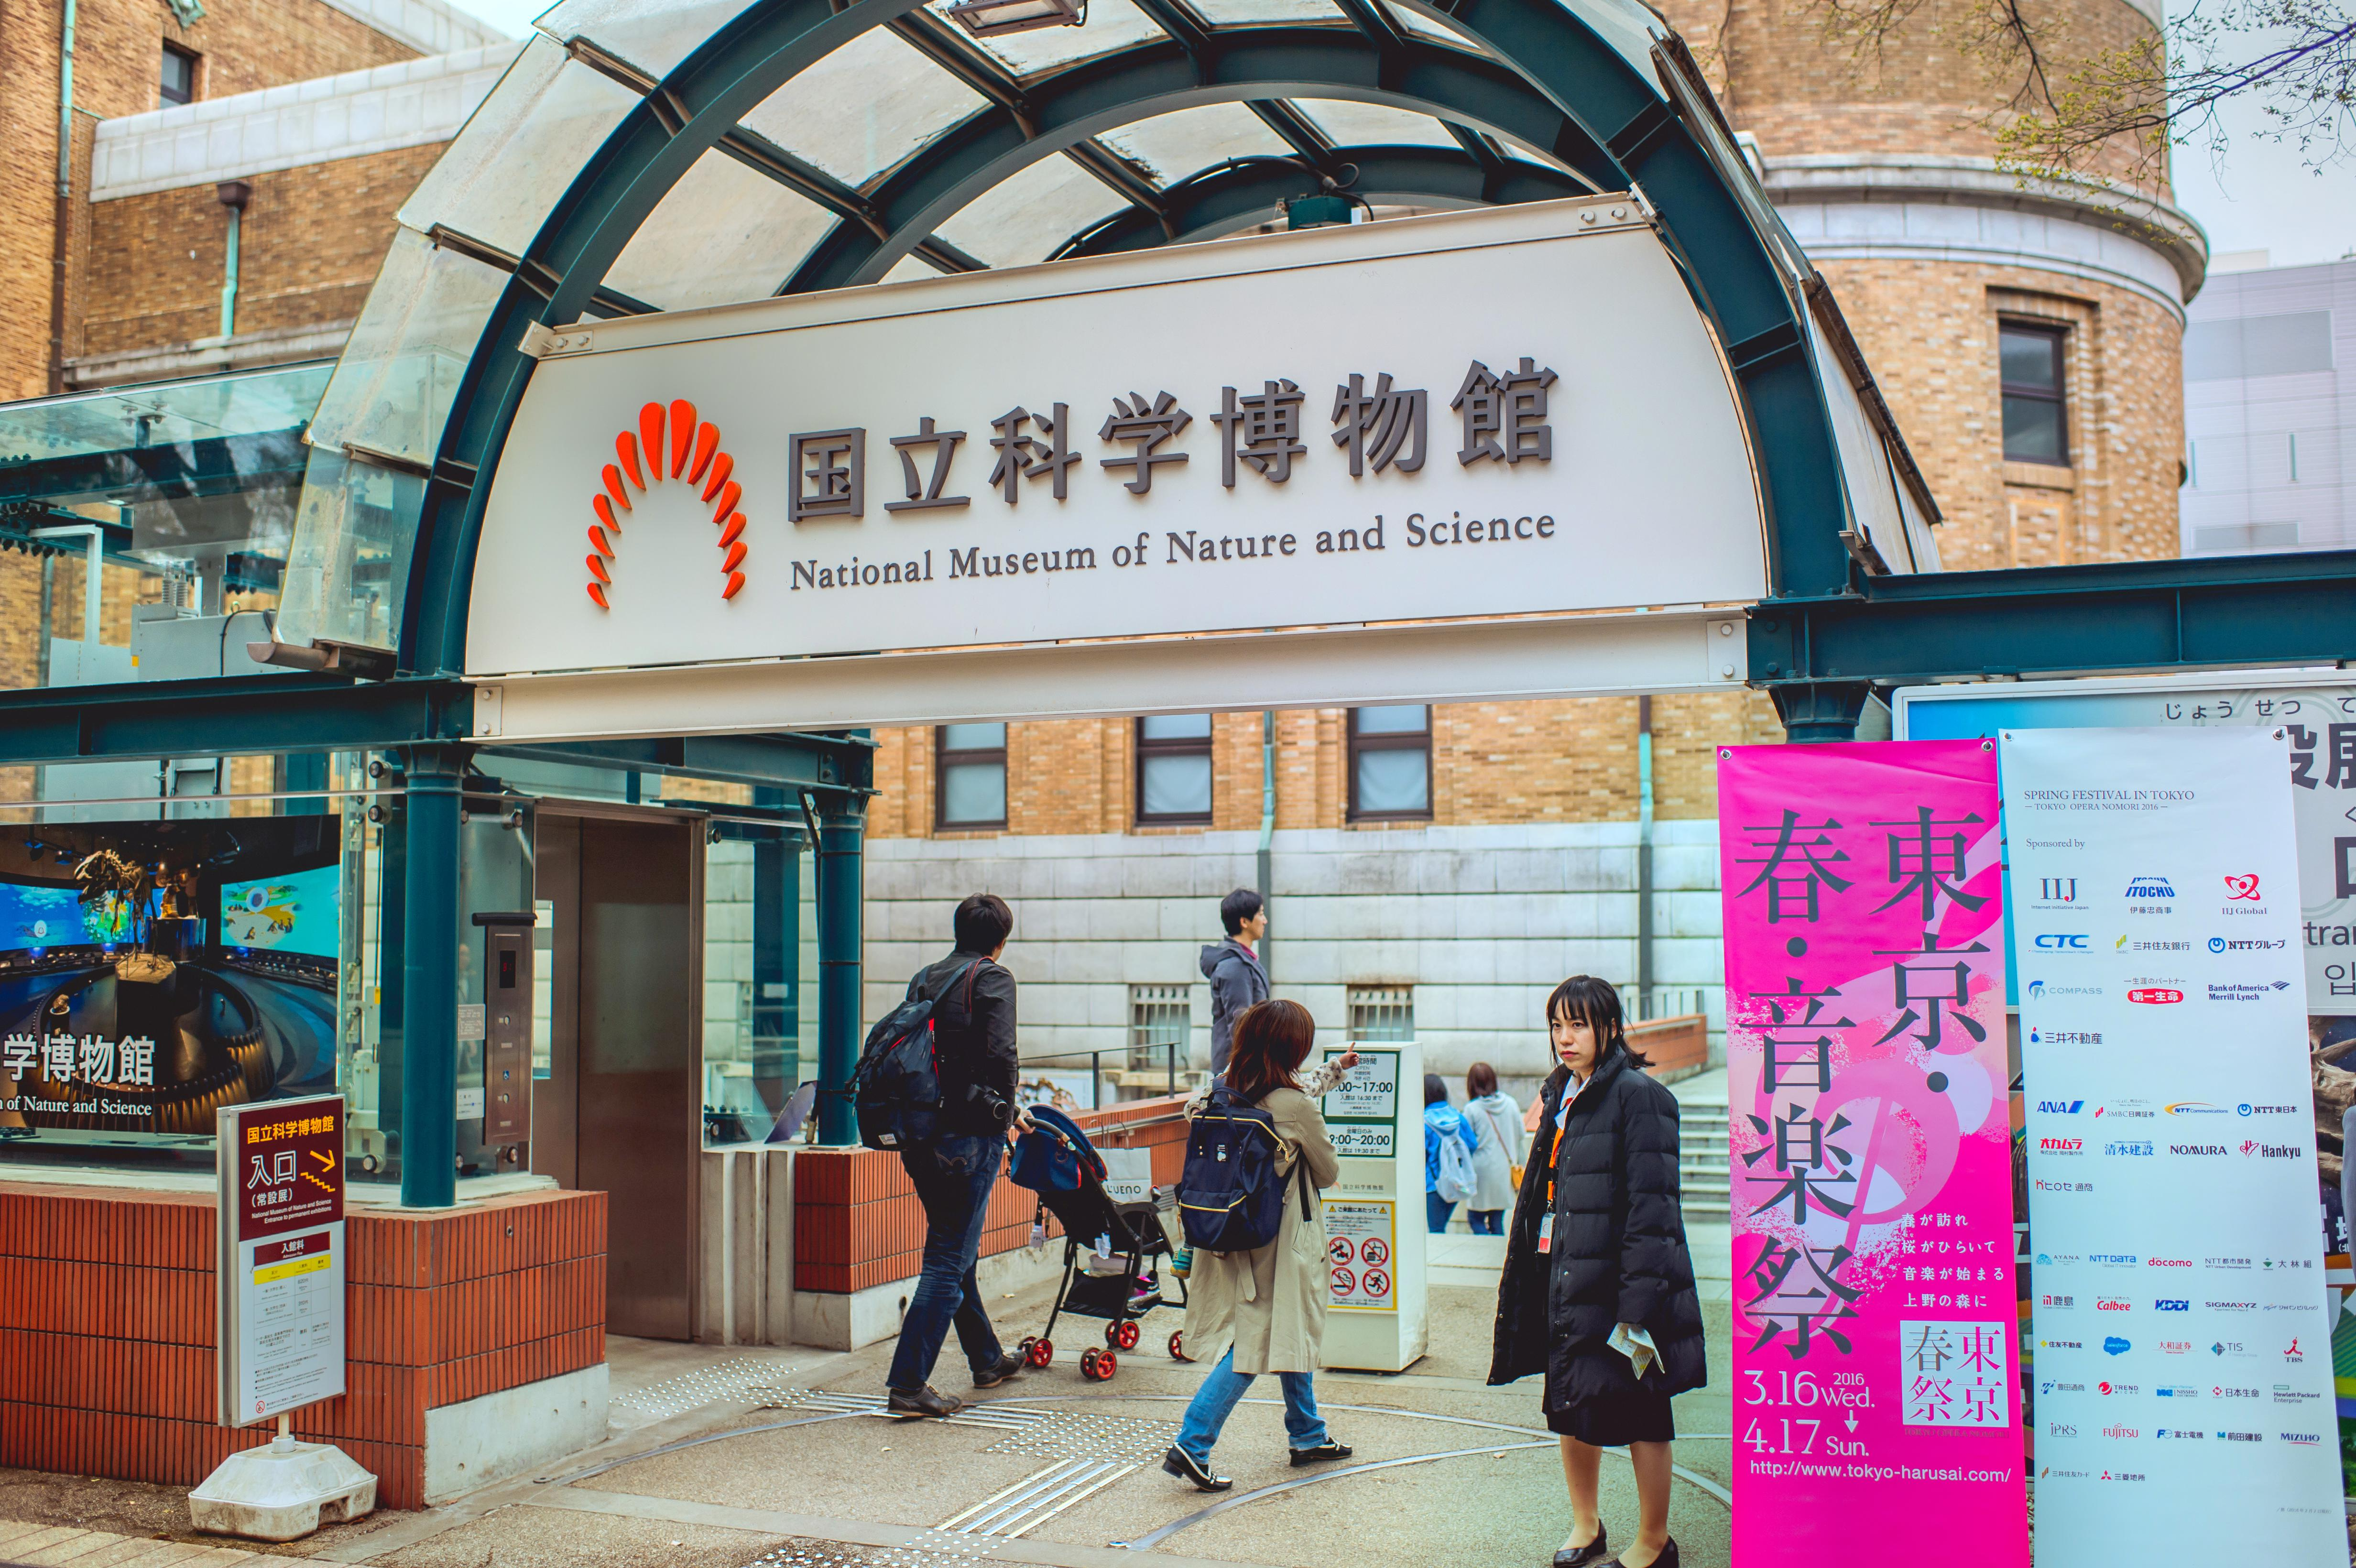 東京国立科学博物館 前売り電子入館チケット(常設展)【施設HPより要日時指定予約】